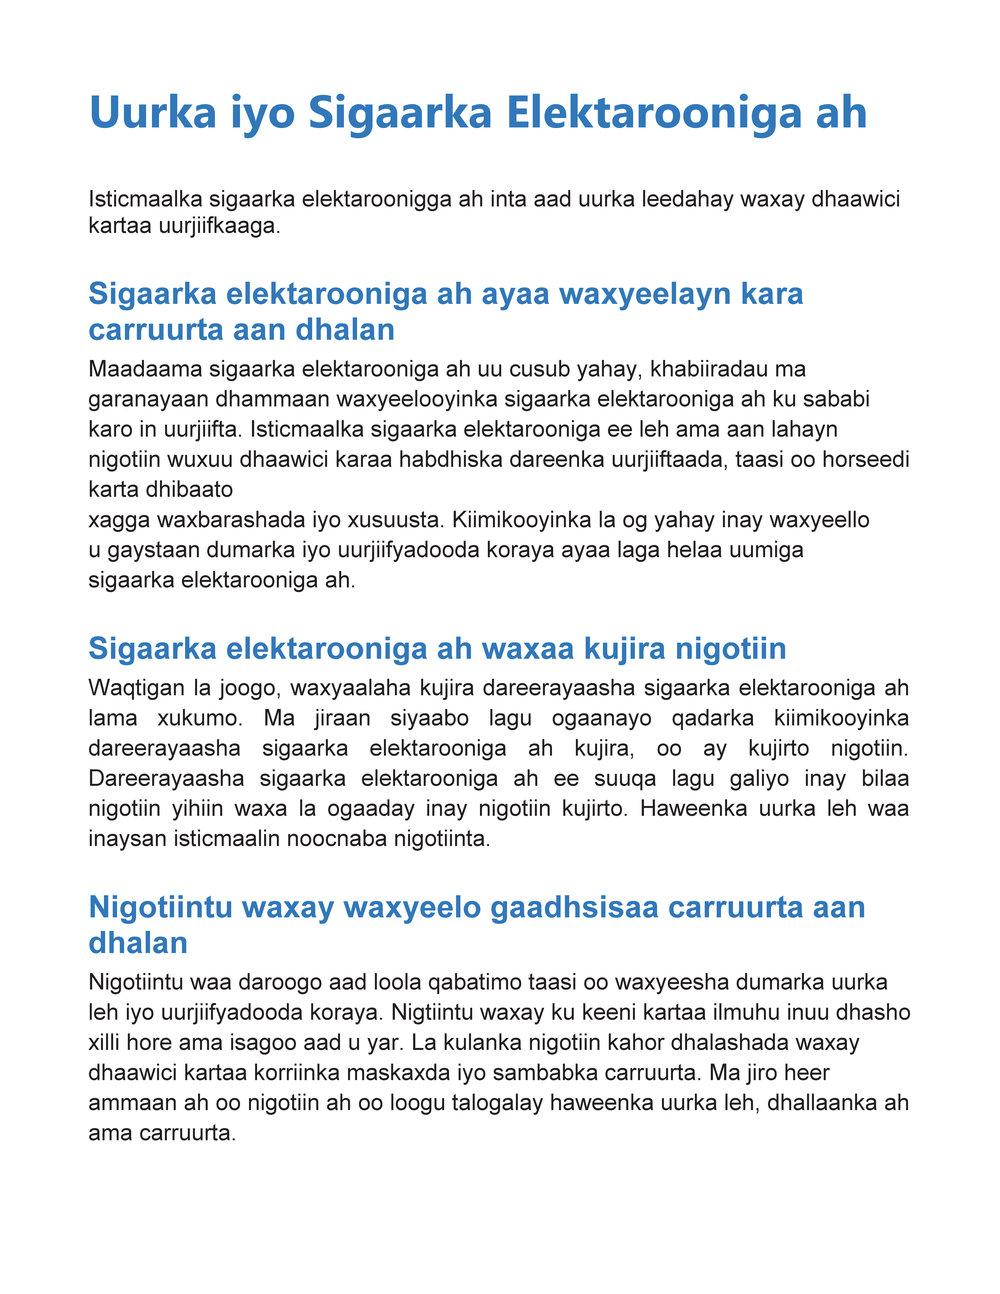 Pregnancy and E-Cigarettes - Somali